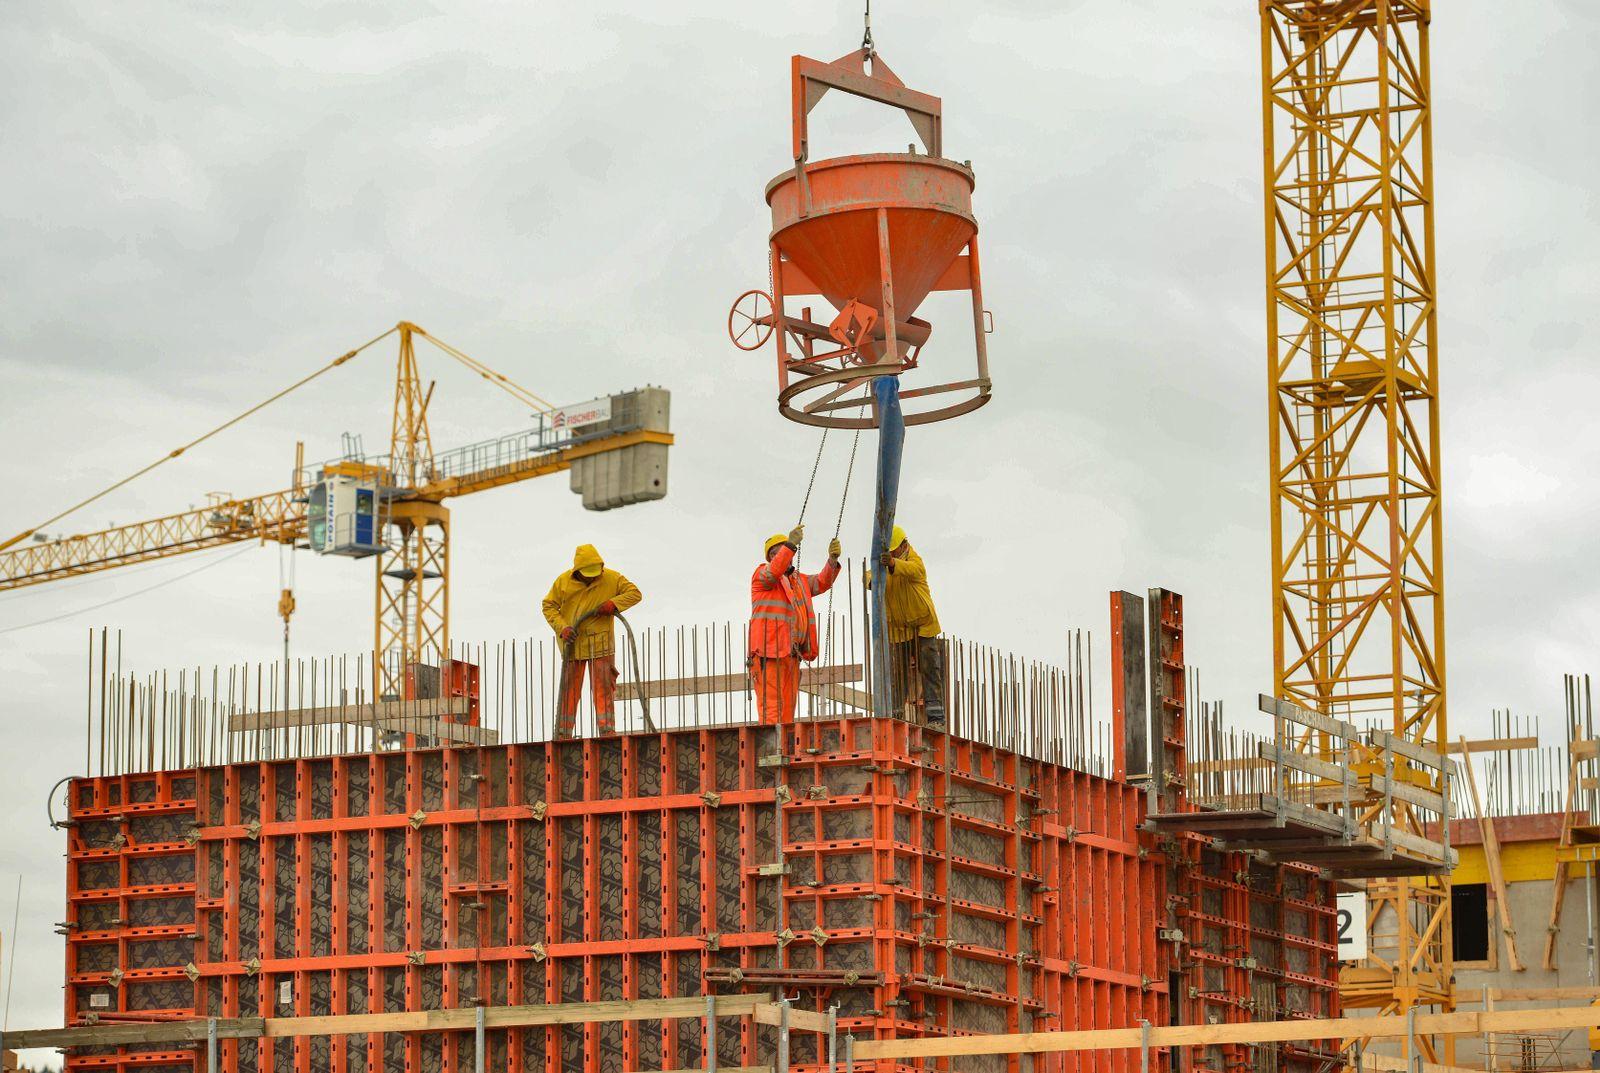 EINMALIGE VERWENDUNG Deutschland Konjunktur / Wirtschaft / Baustelle / Bauarbeiter